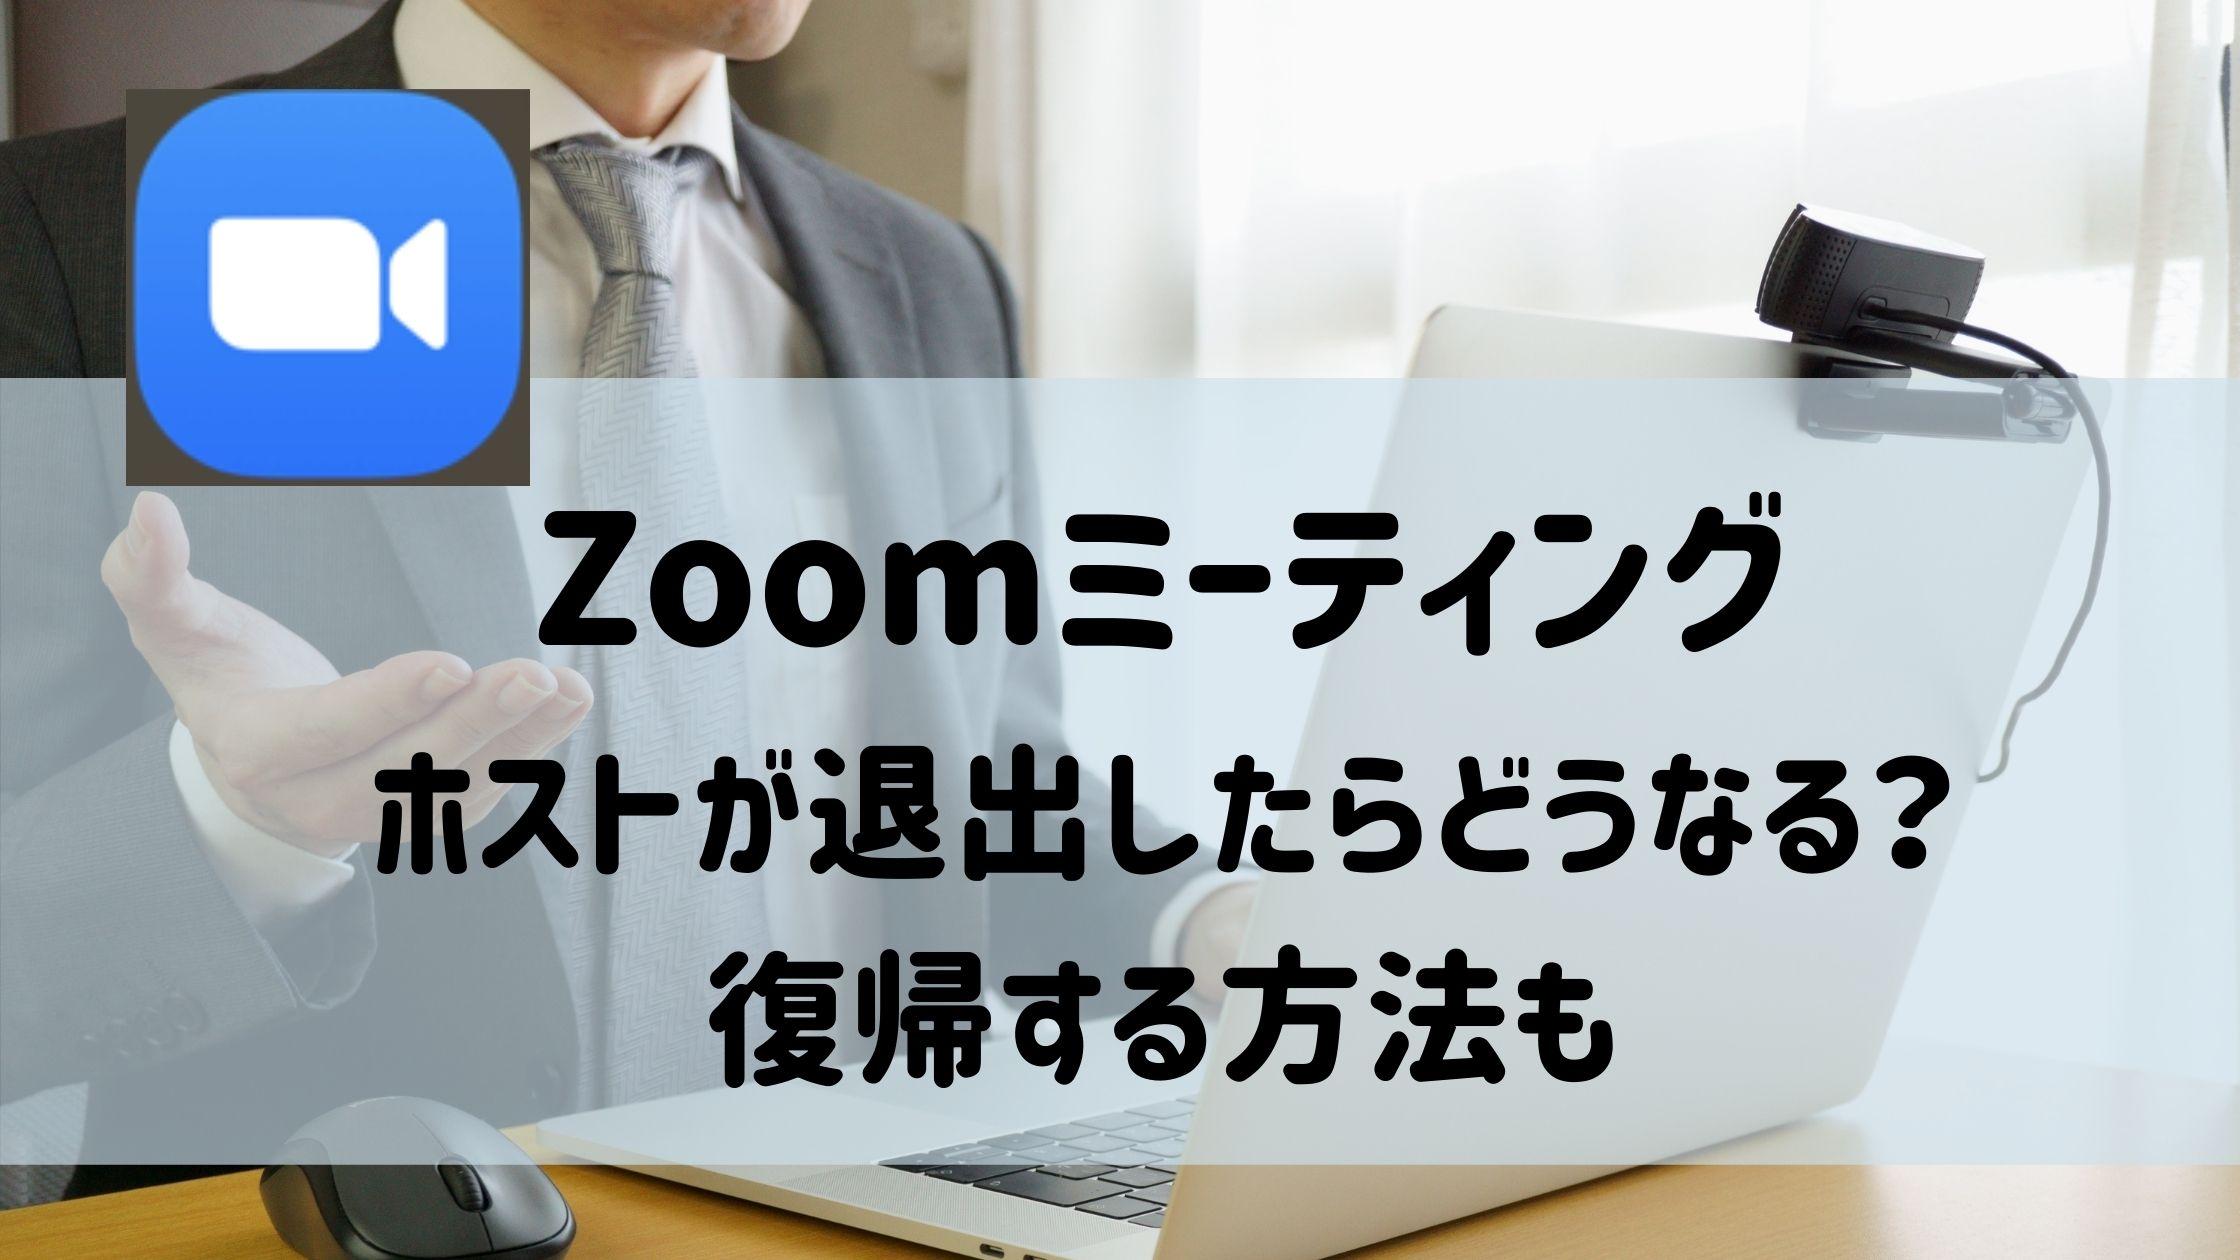 zoom ミーティング ホスト テクニック ビデオ会議